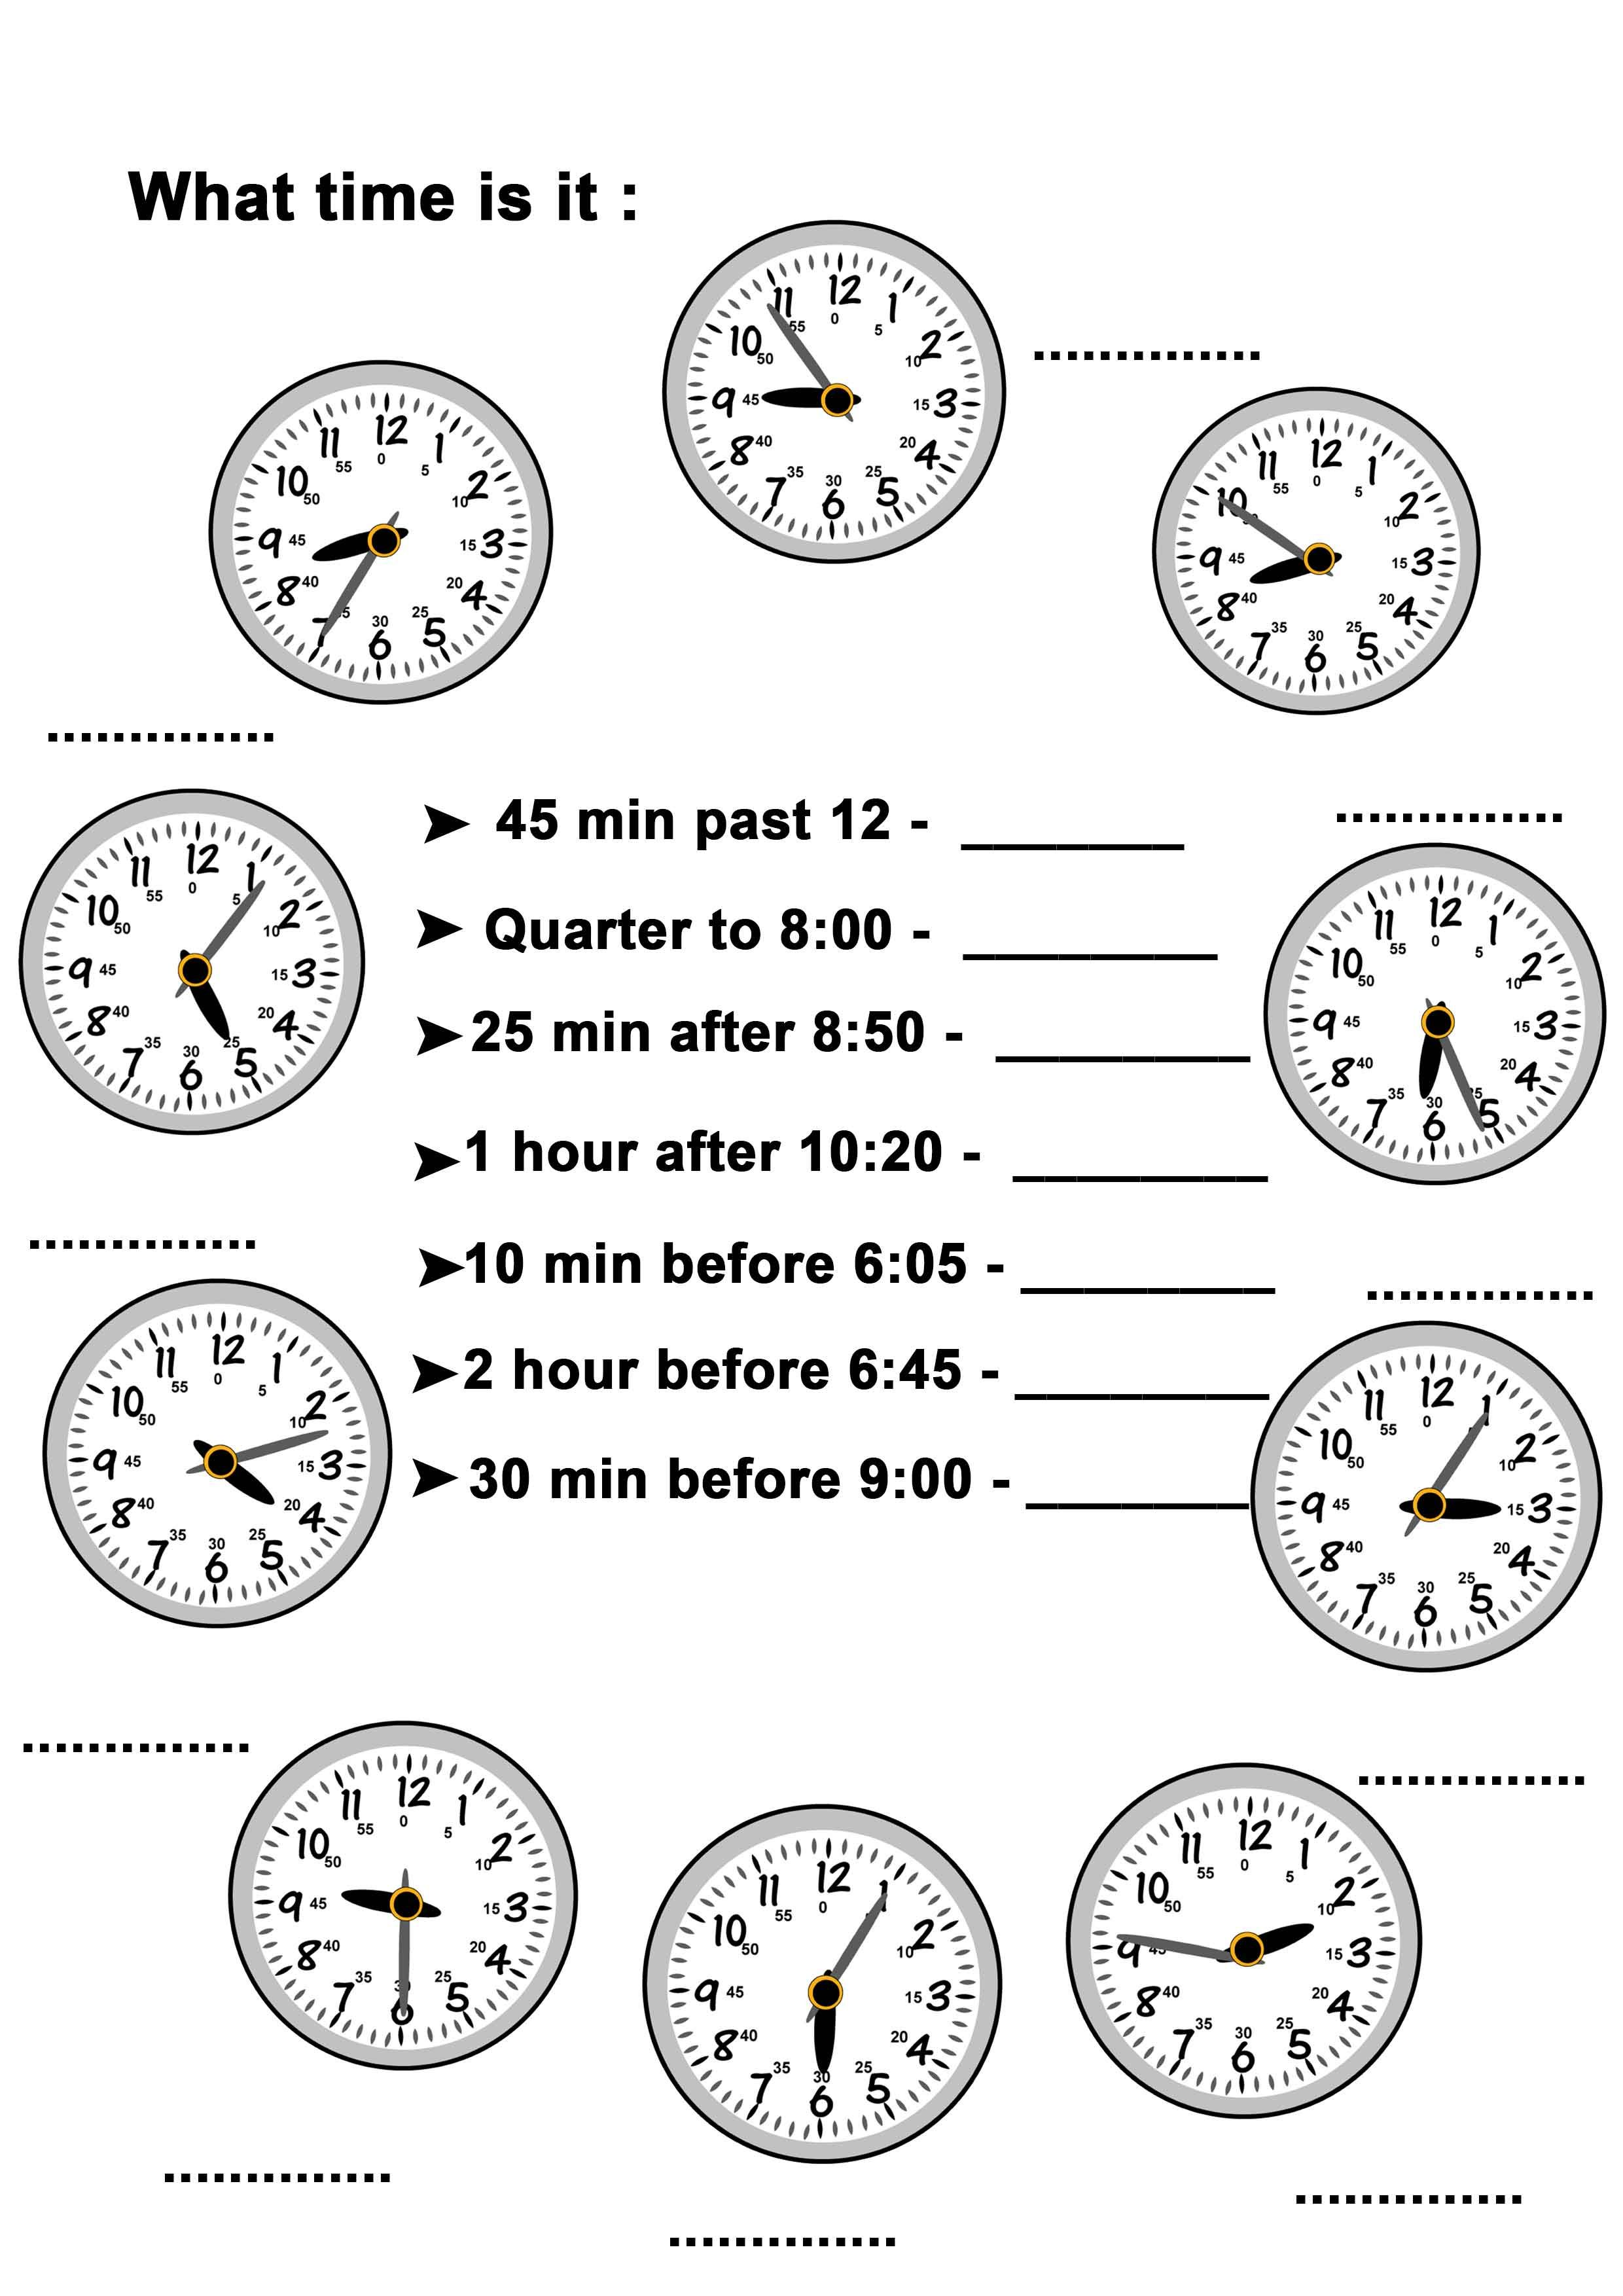 Worksheets Funlearning Timetelling Edwayz Learning